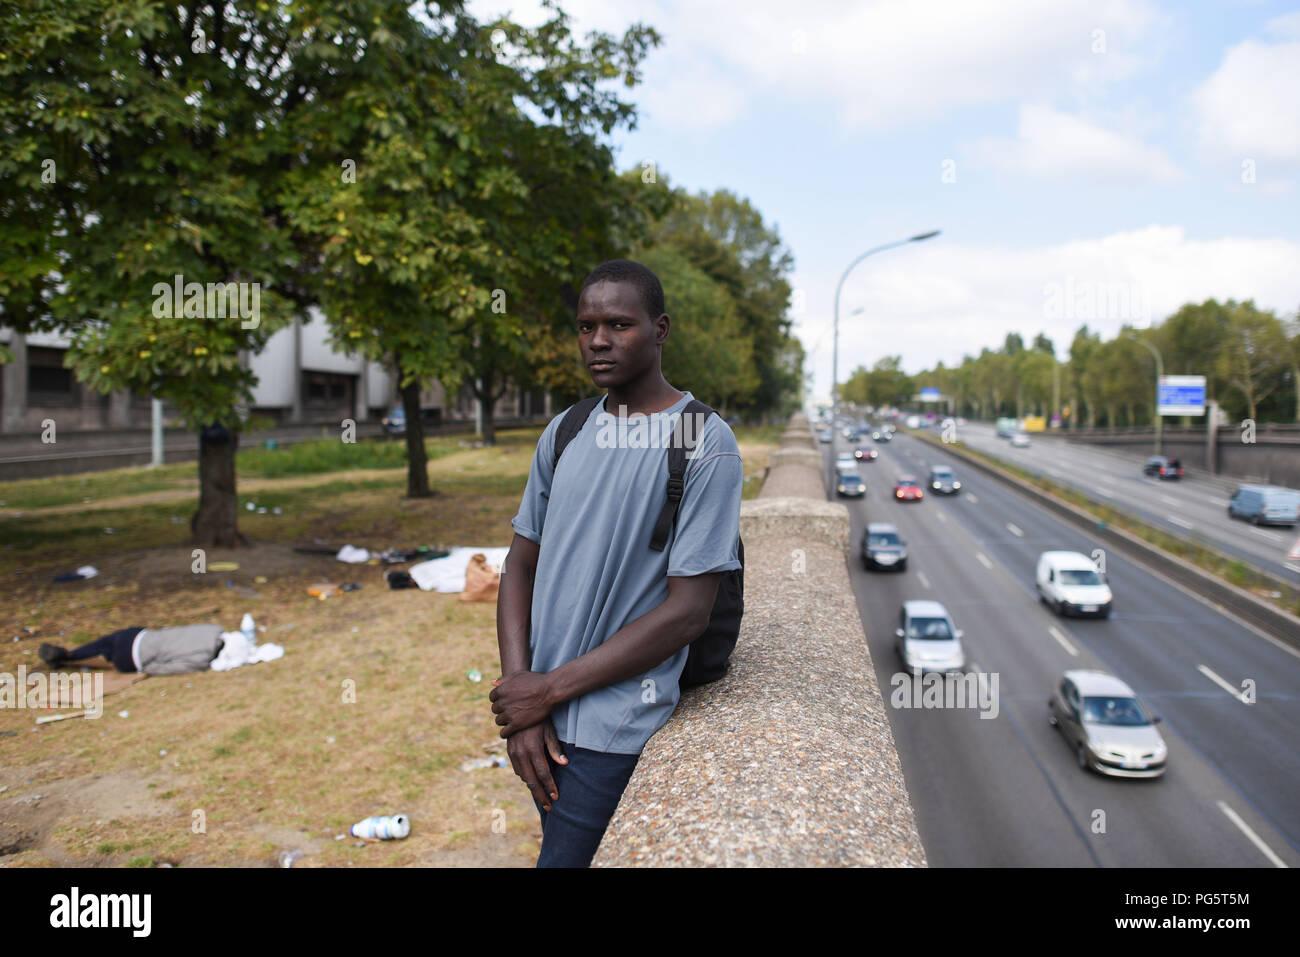 August 14, 2018 - Paris, France: Portrait of a 16-year-old Chadian migrant who sleeps in a public park near the peripherique (ring road) between porte de la Chapelle and porte d'Aubervilliers. Portrait de Samadjita, un migrant tchadien de 16 ans, arrive a Paris depuis environ une semaine. Le jeune mineur, originaire de la region du Lac Tchad ou les jihadistes de Boko Haram sement la terreur, dort dans un parc public a proximite du peripherique entre porte de la Chapelle et porte dÕAubervilliers. *** FRANCE OUT / NO SALES TO FRENCH MEDIA *** - Stock Image